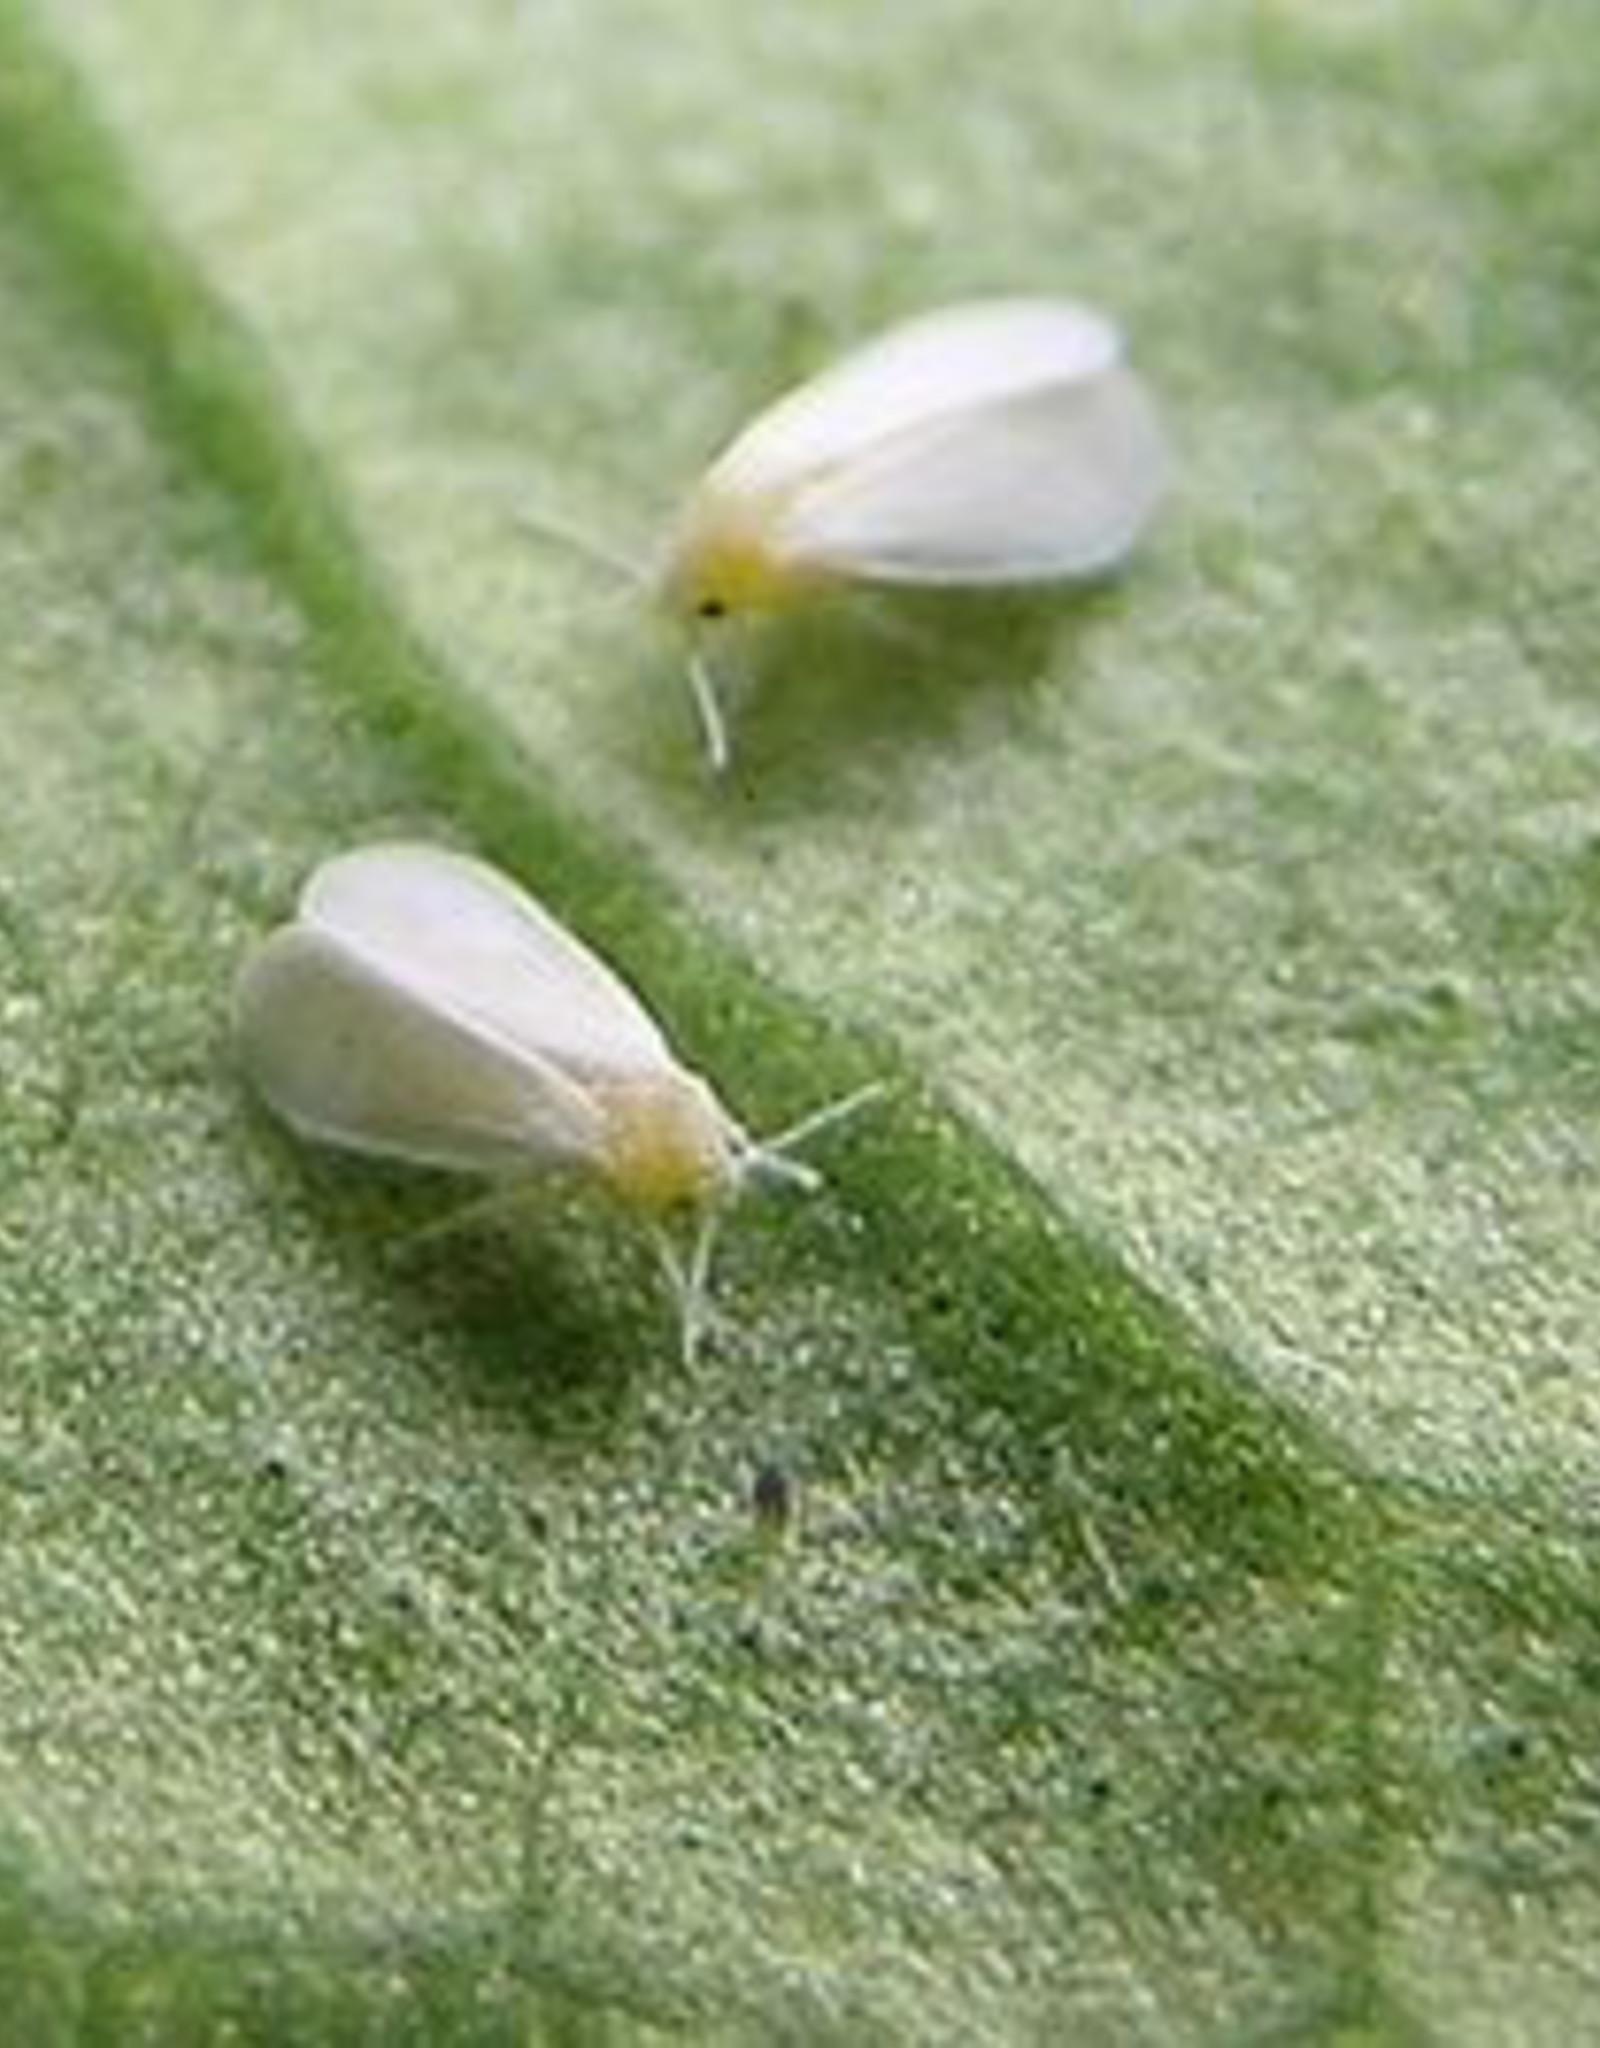 Brimex Biobest Witte vlieg bestrijden met sluipwespen